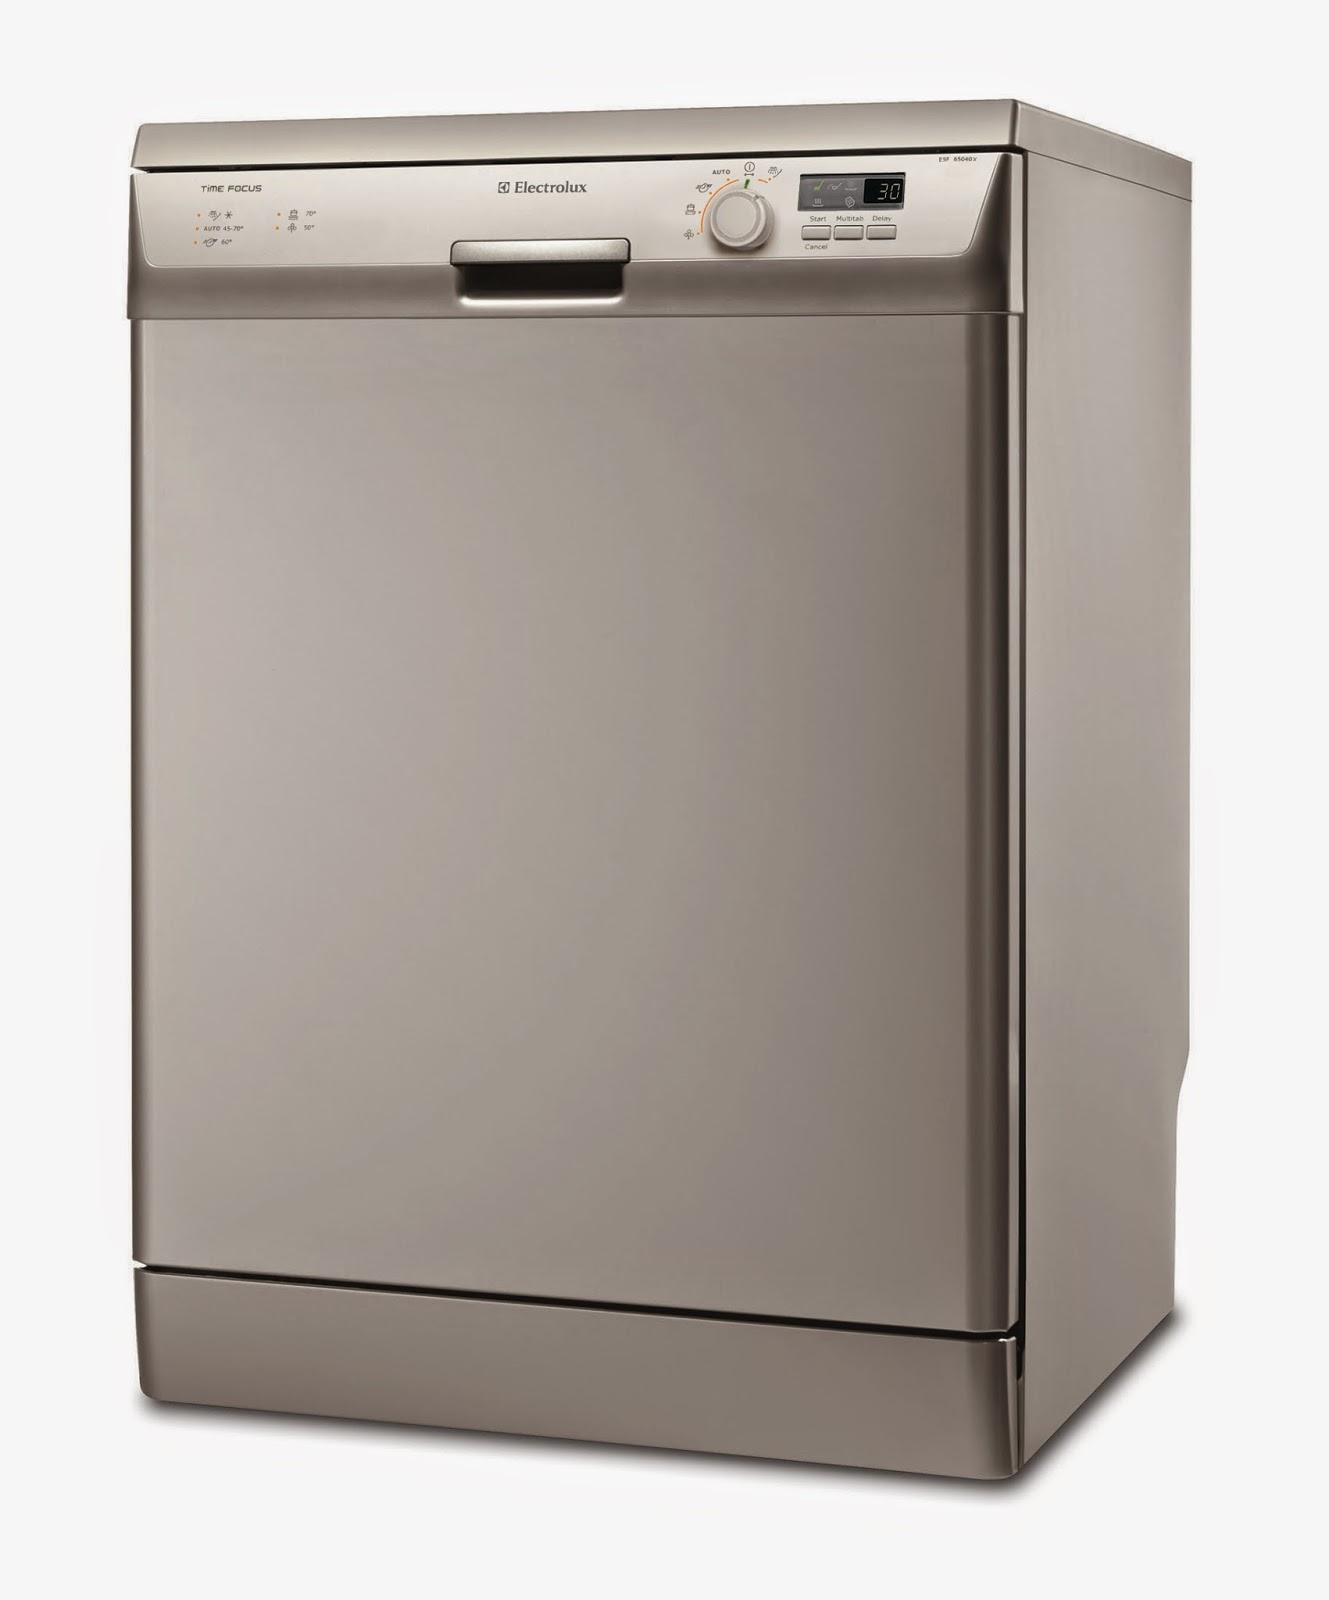 Reparaci n de lavavajillas servicio t cnico fagor lugo - Como limpiar un lavavajillas ...